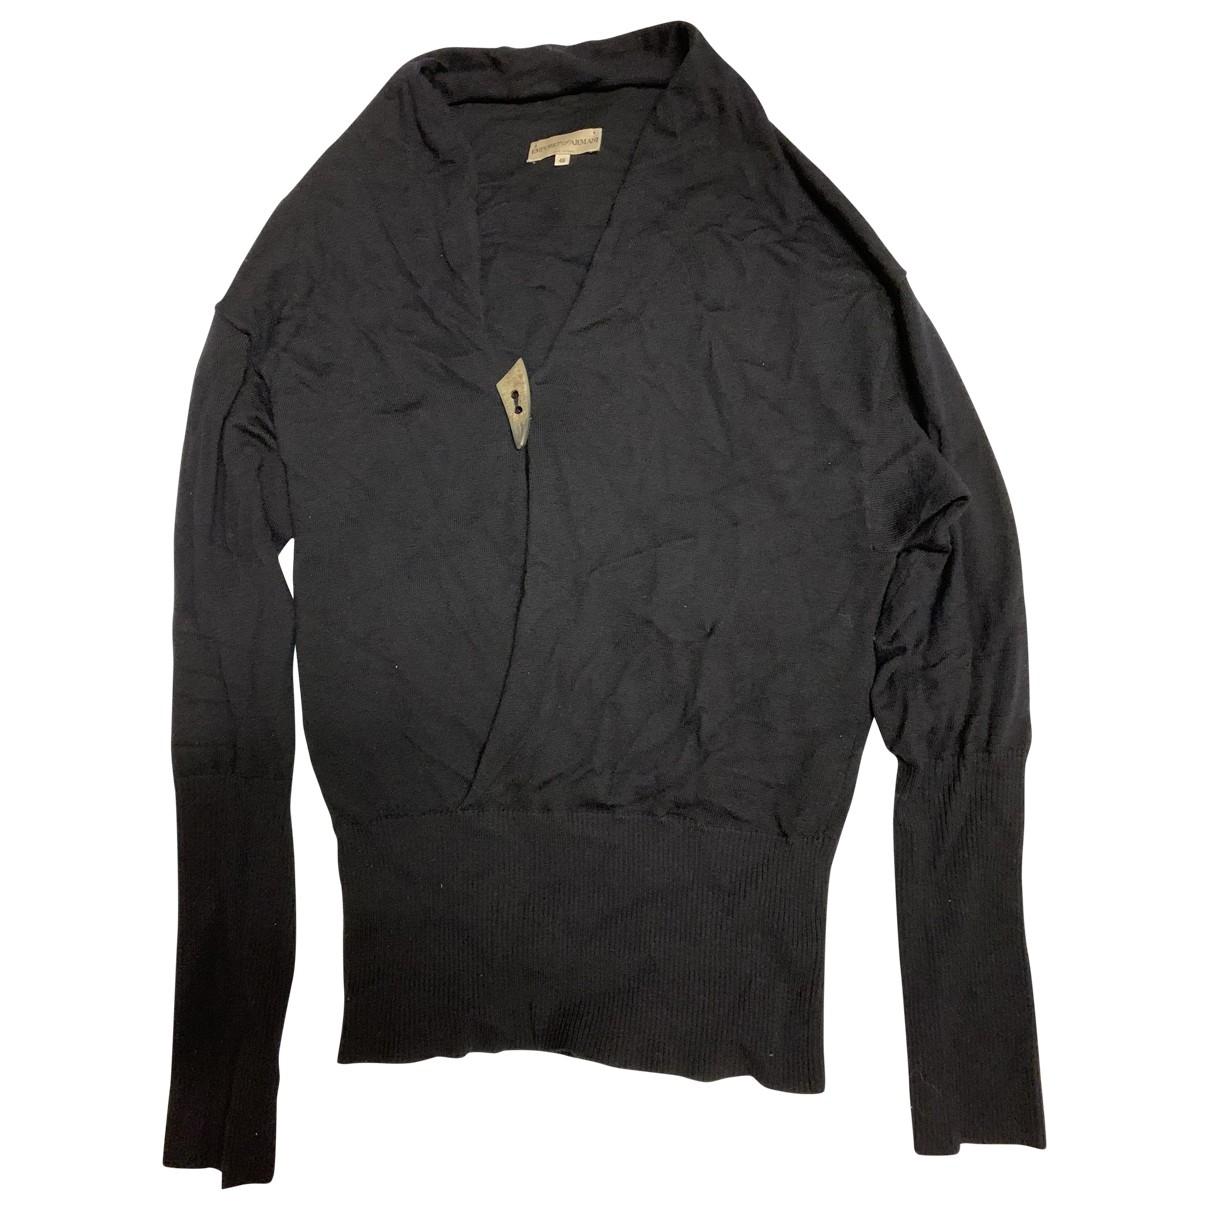 Emporio Armani - Pulls.Gilets.Sweats   pour homme en laine - marine